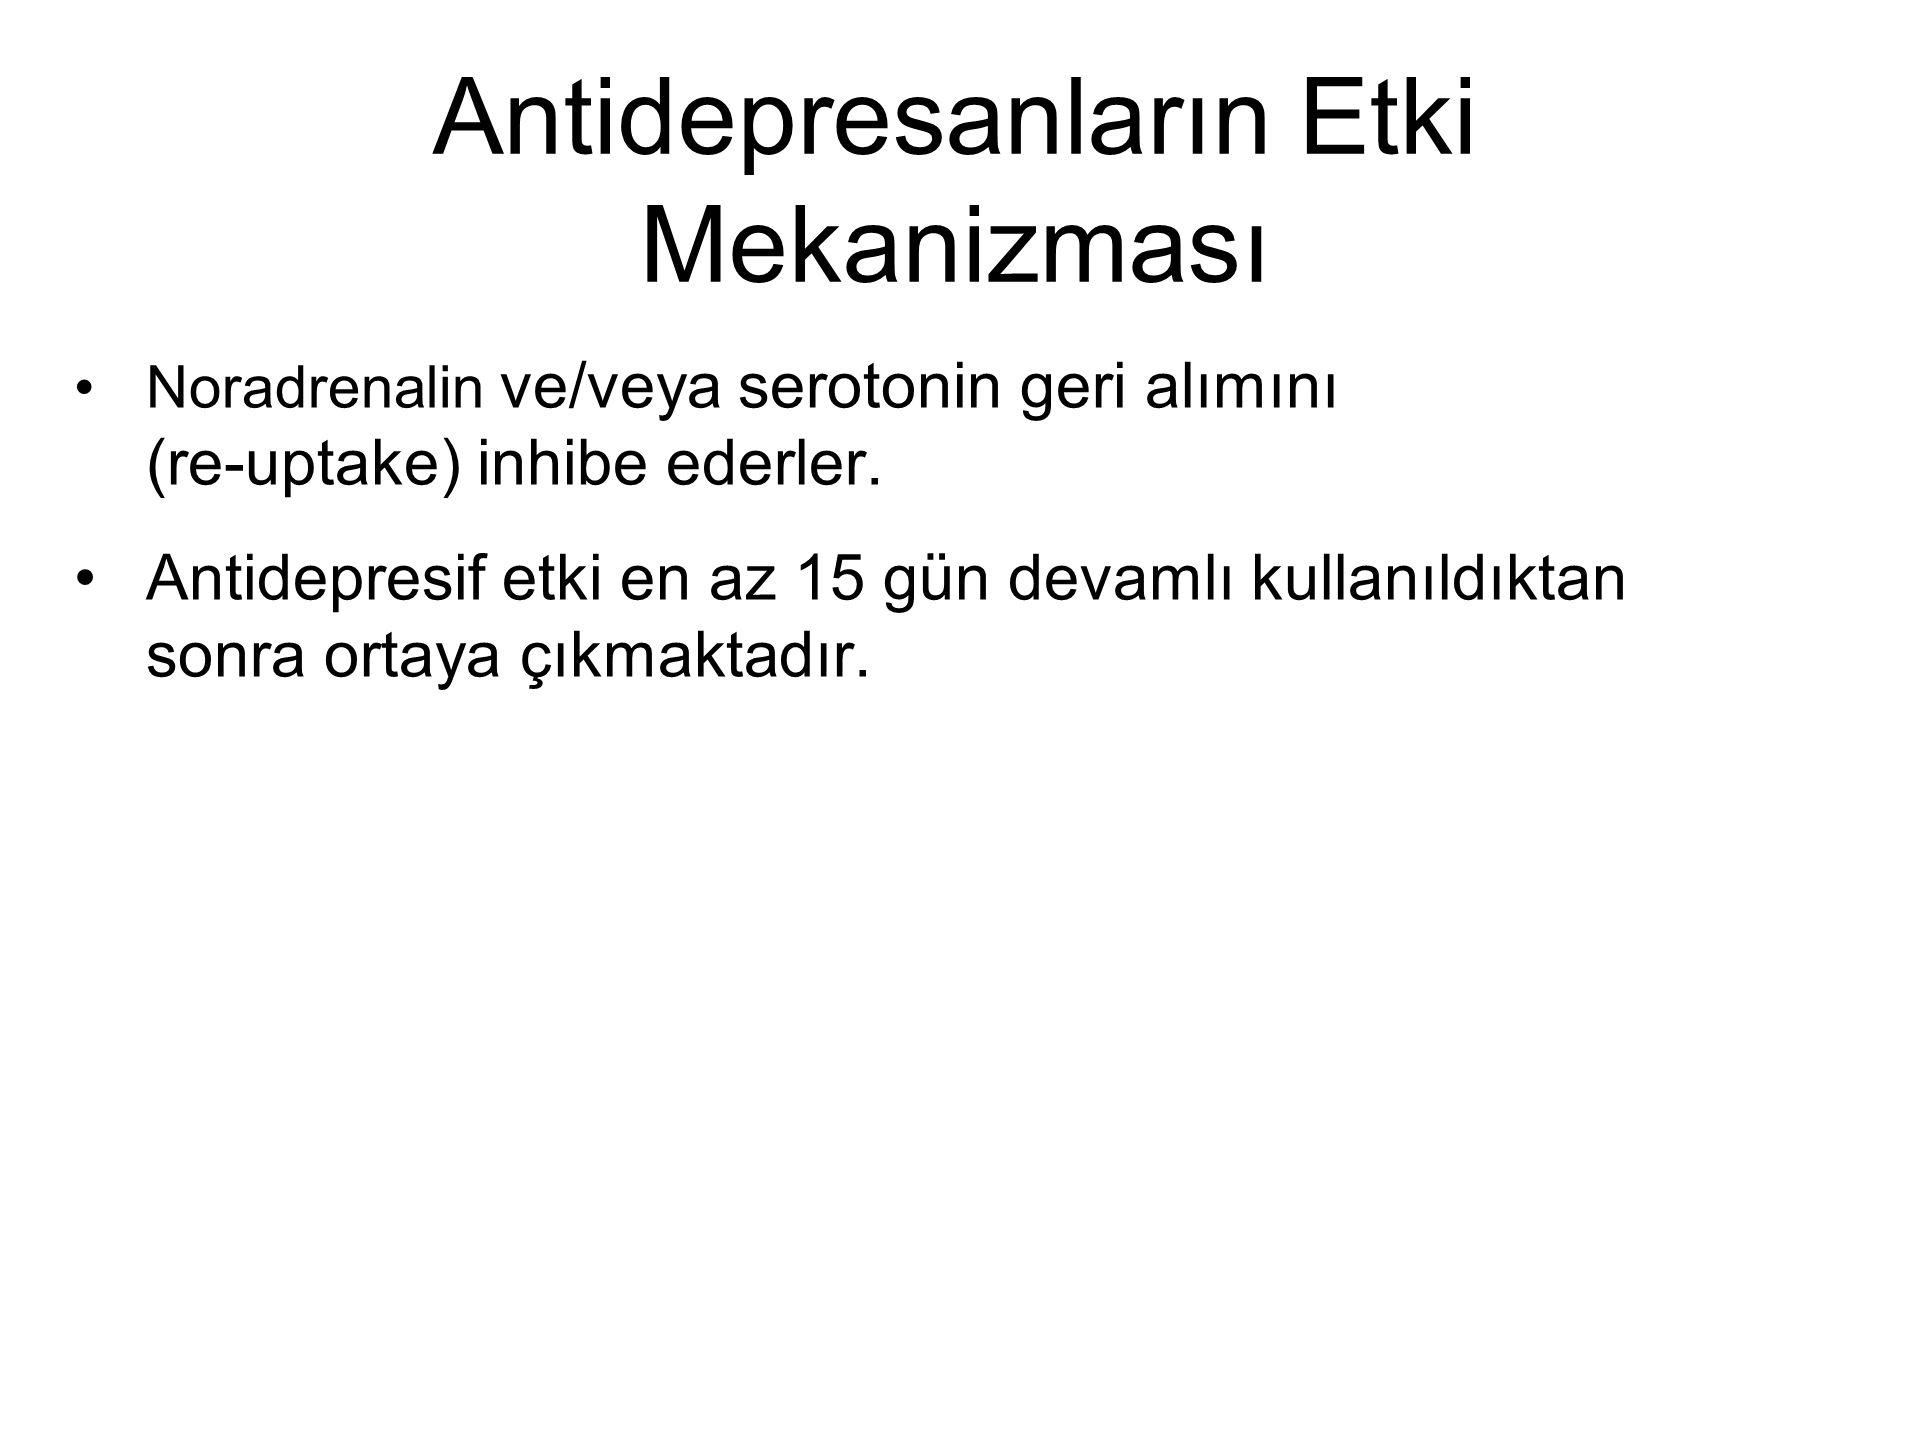 Antidepresanların Etki Mekanizması Noradrenalin ve/veya serotonin geri alımını (re-uptake) inhibe ederler. Antidepresif etki en az 15 gün devamlı kull